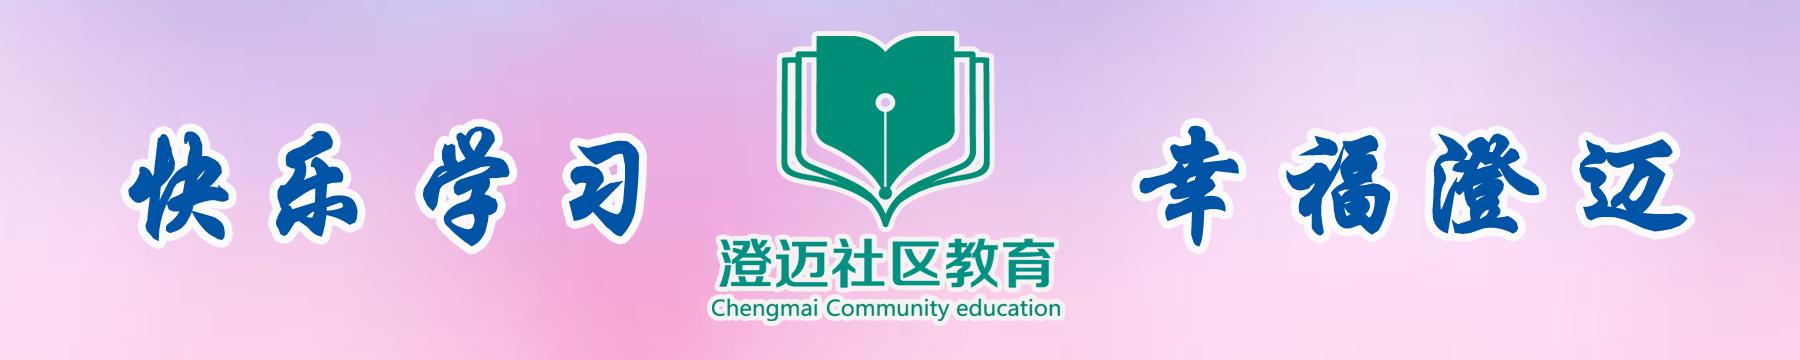 水墨山水 快乐学习——澄迈县社区教育成人国画班免费公益课程(三)